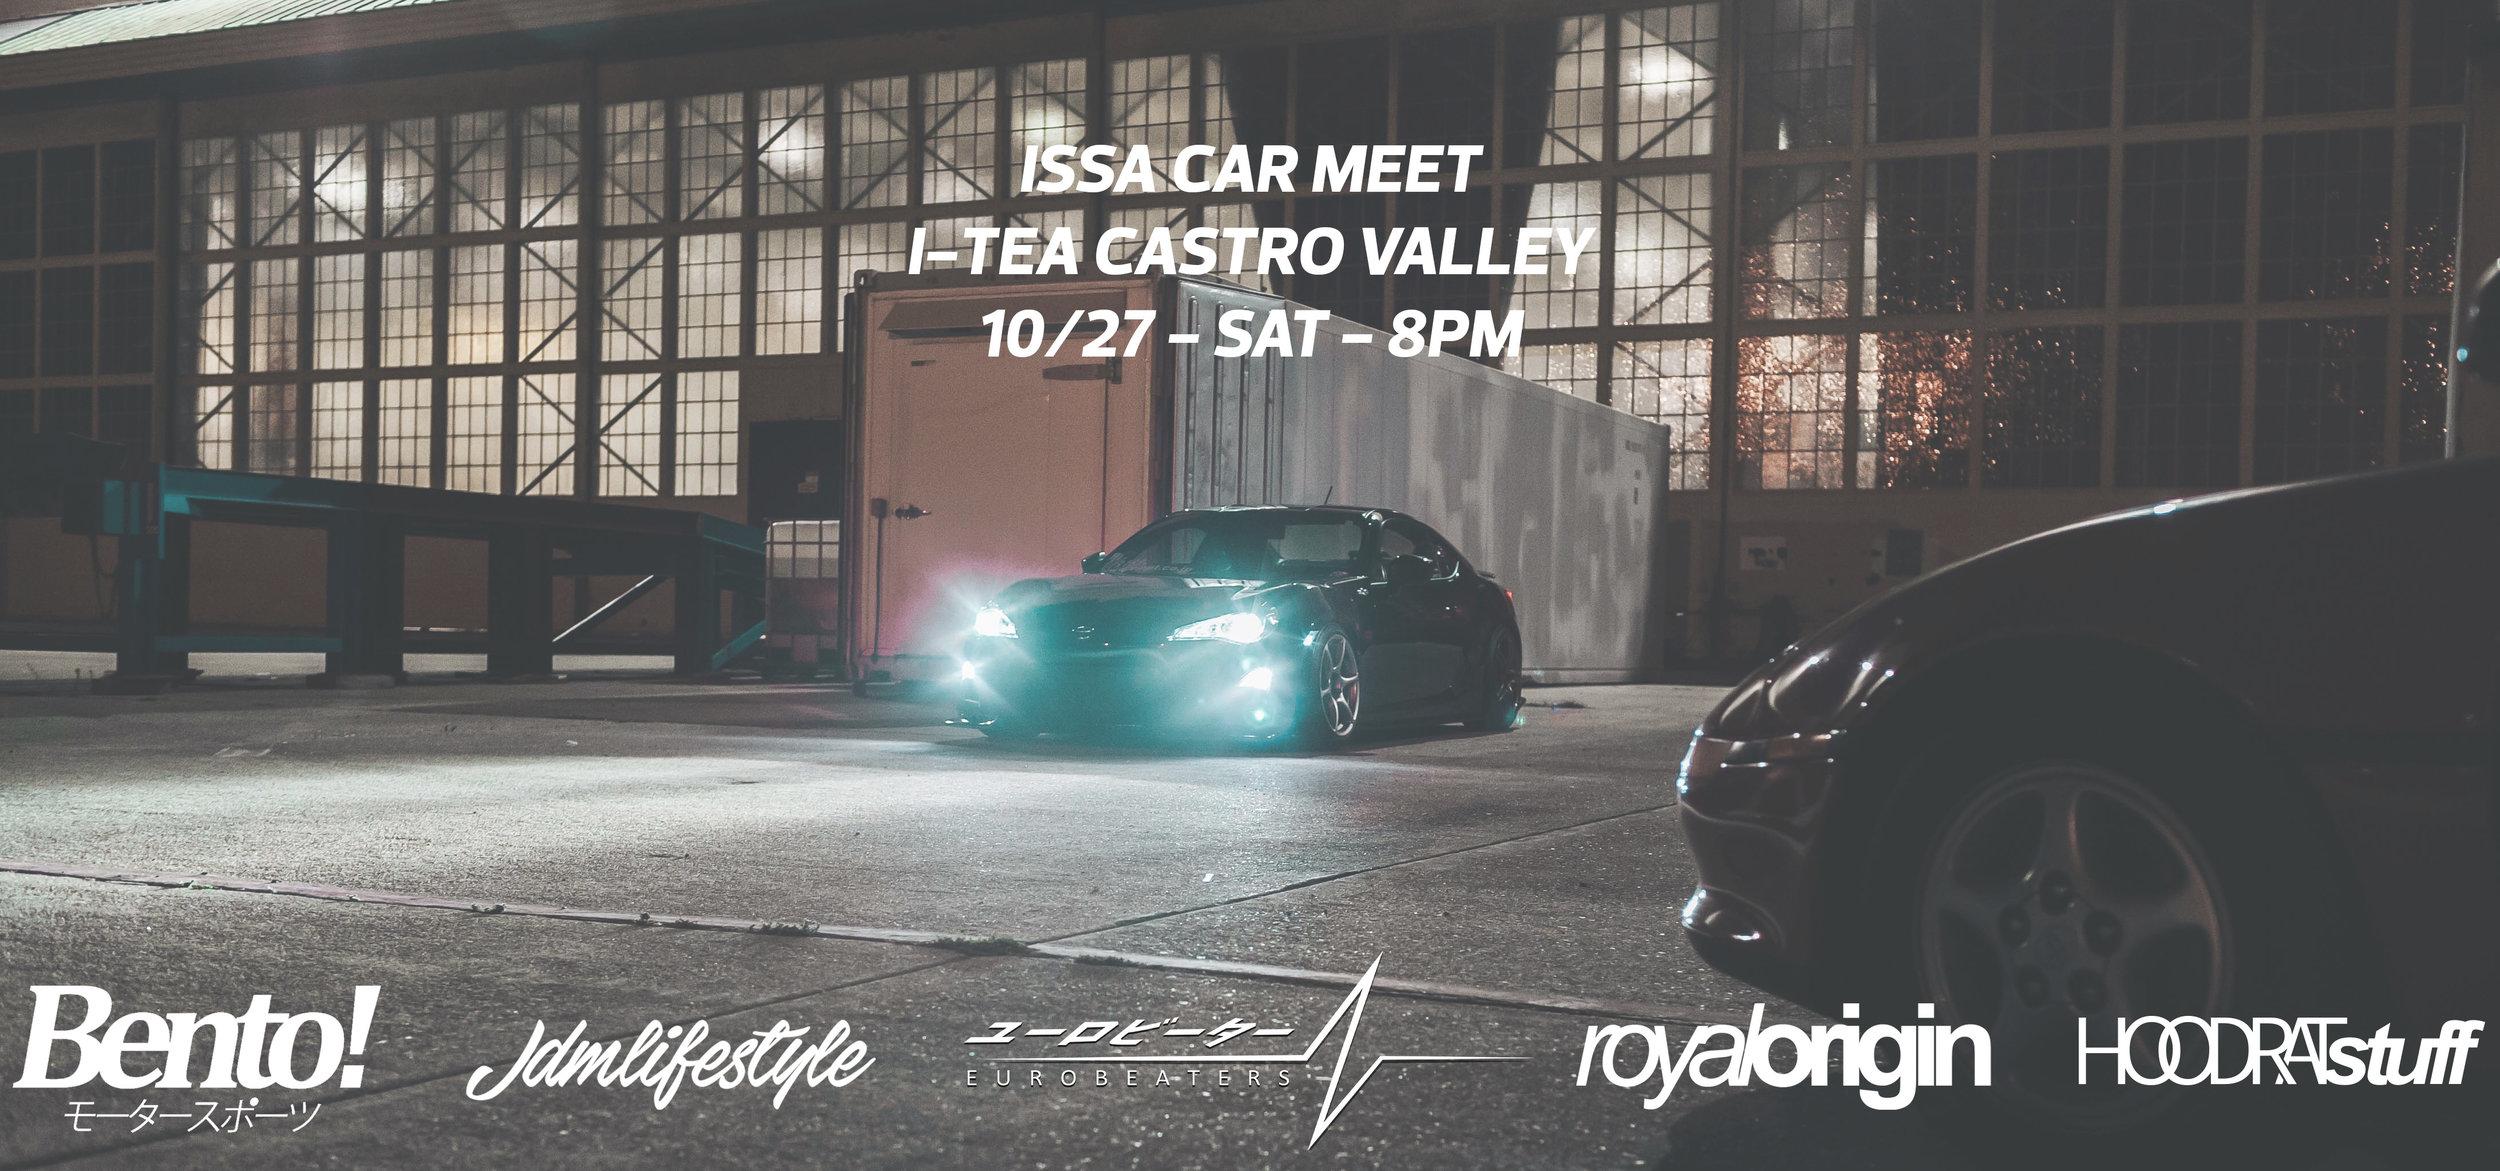 issa car meet flyer.jpg